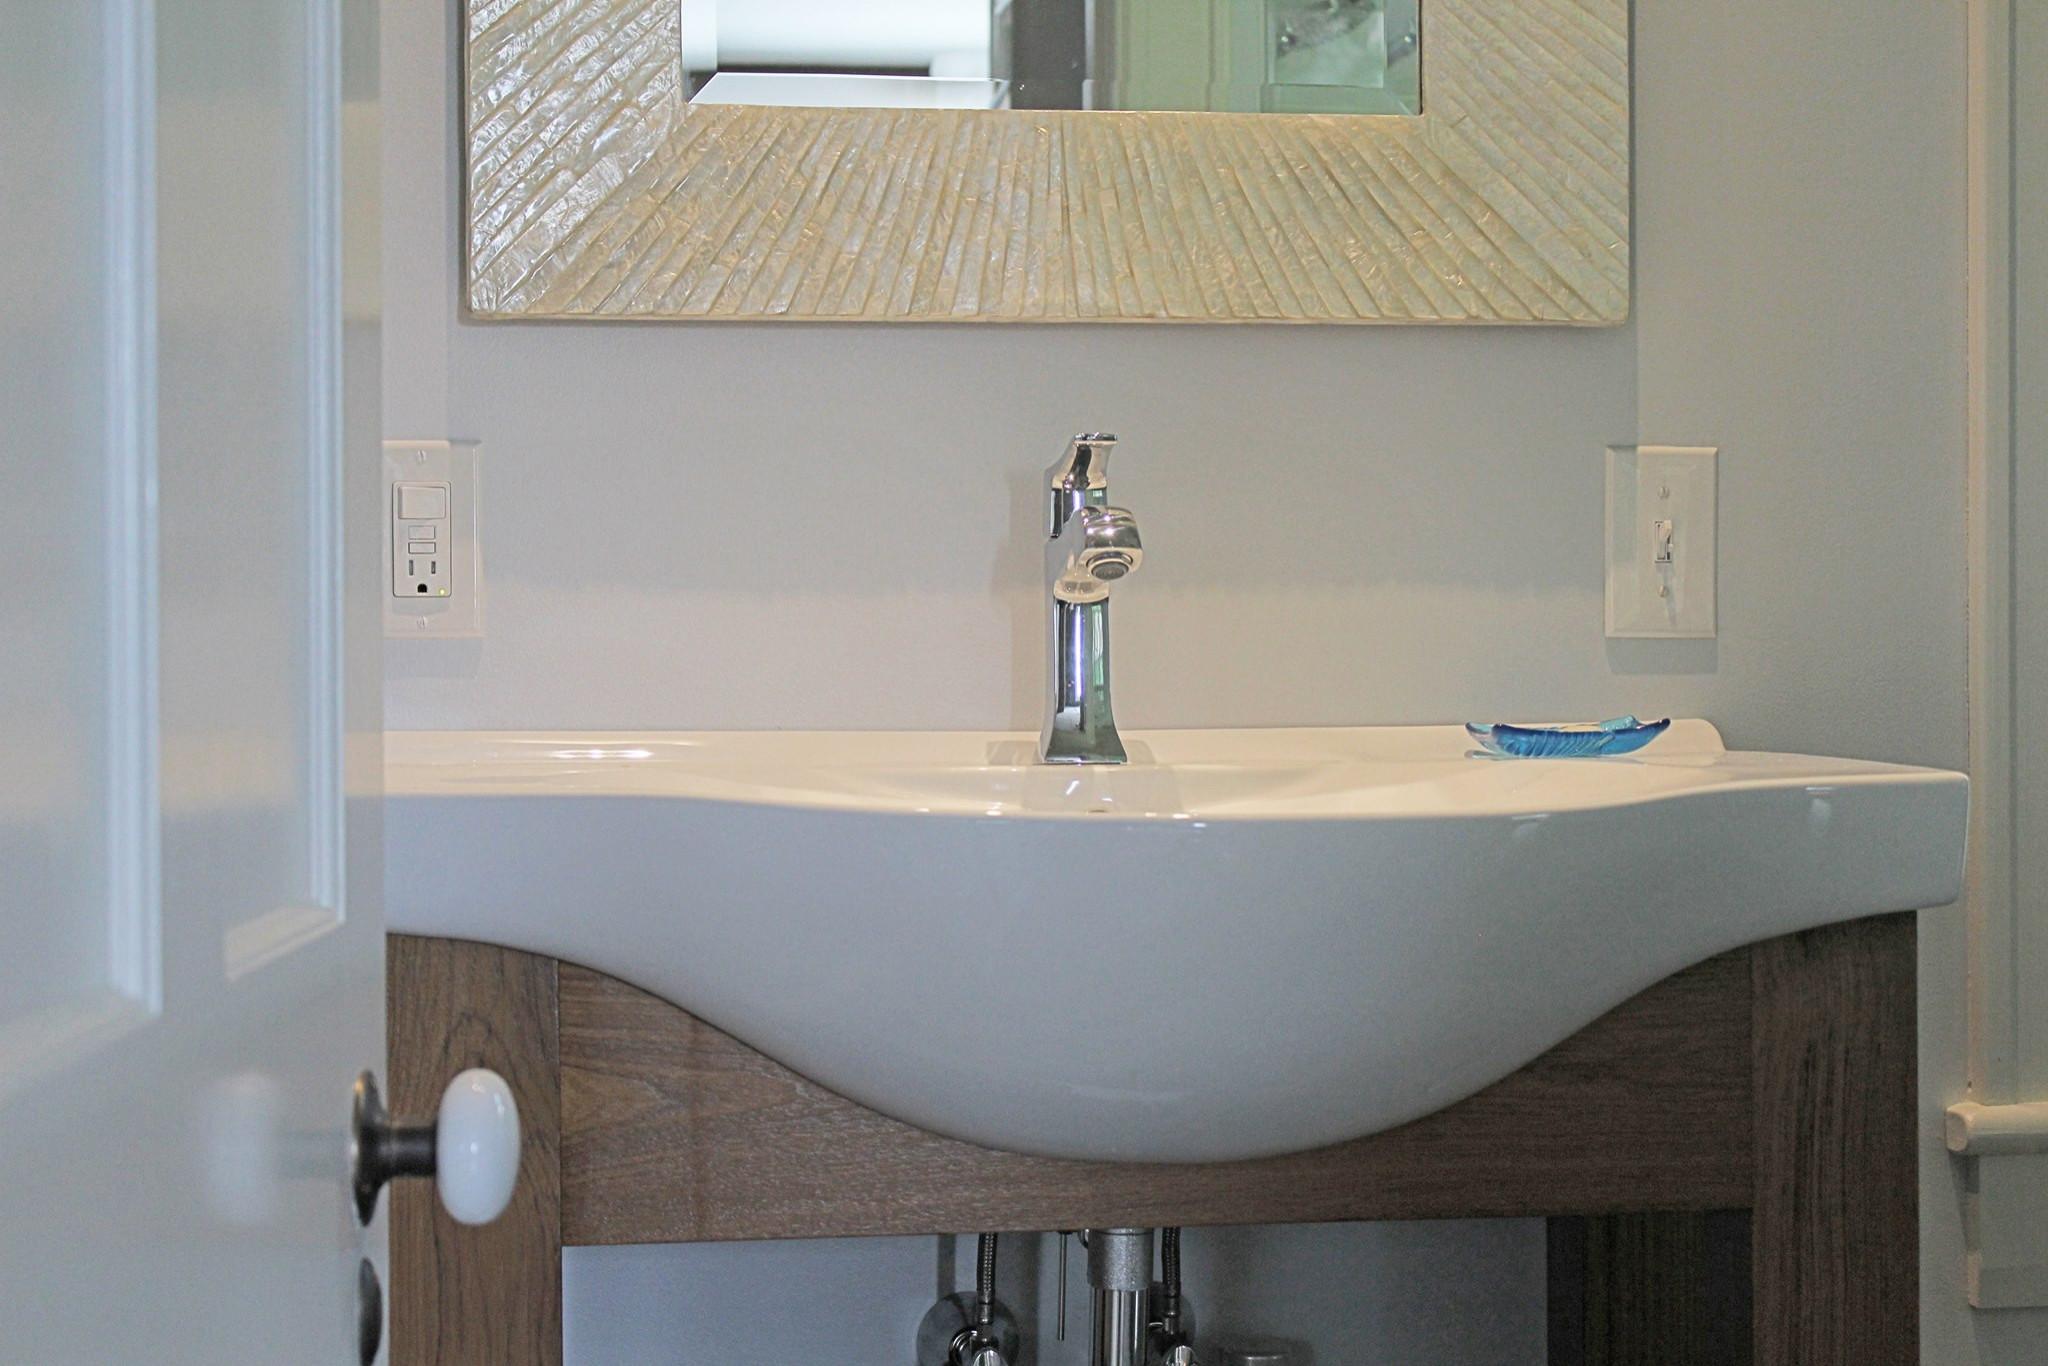 Teak Vessel Sink Vanity